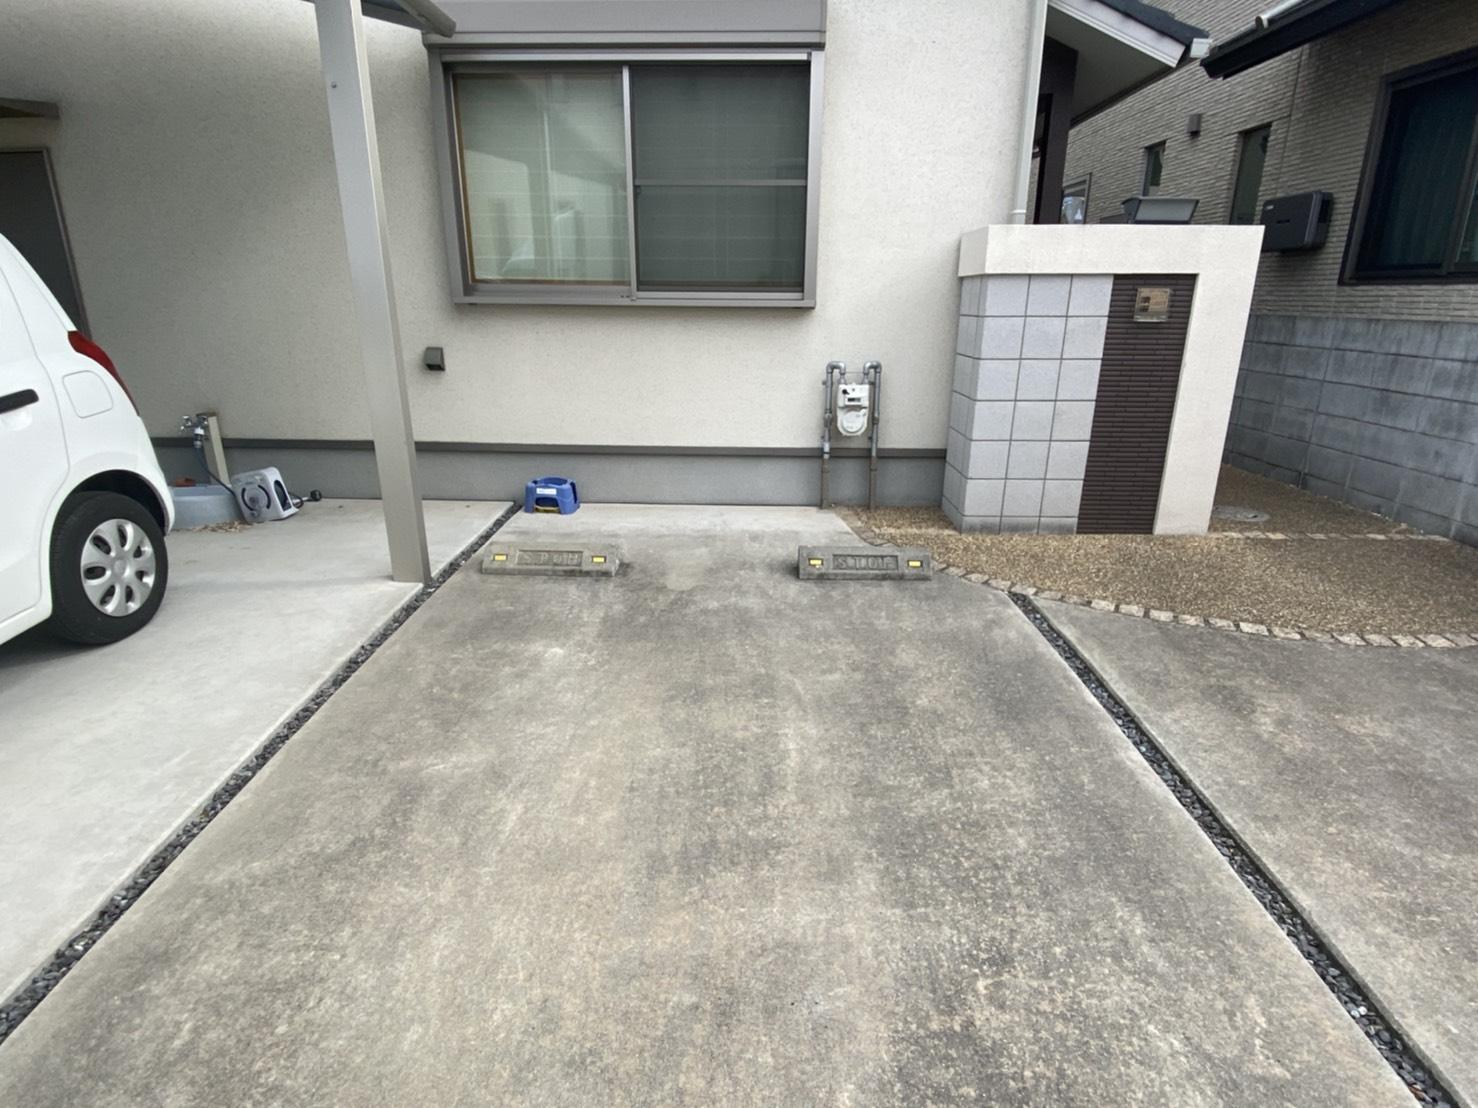 岡山県岡山市のローブの回収後